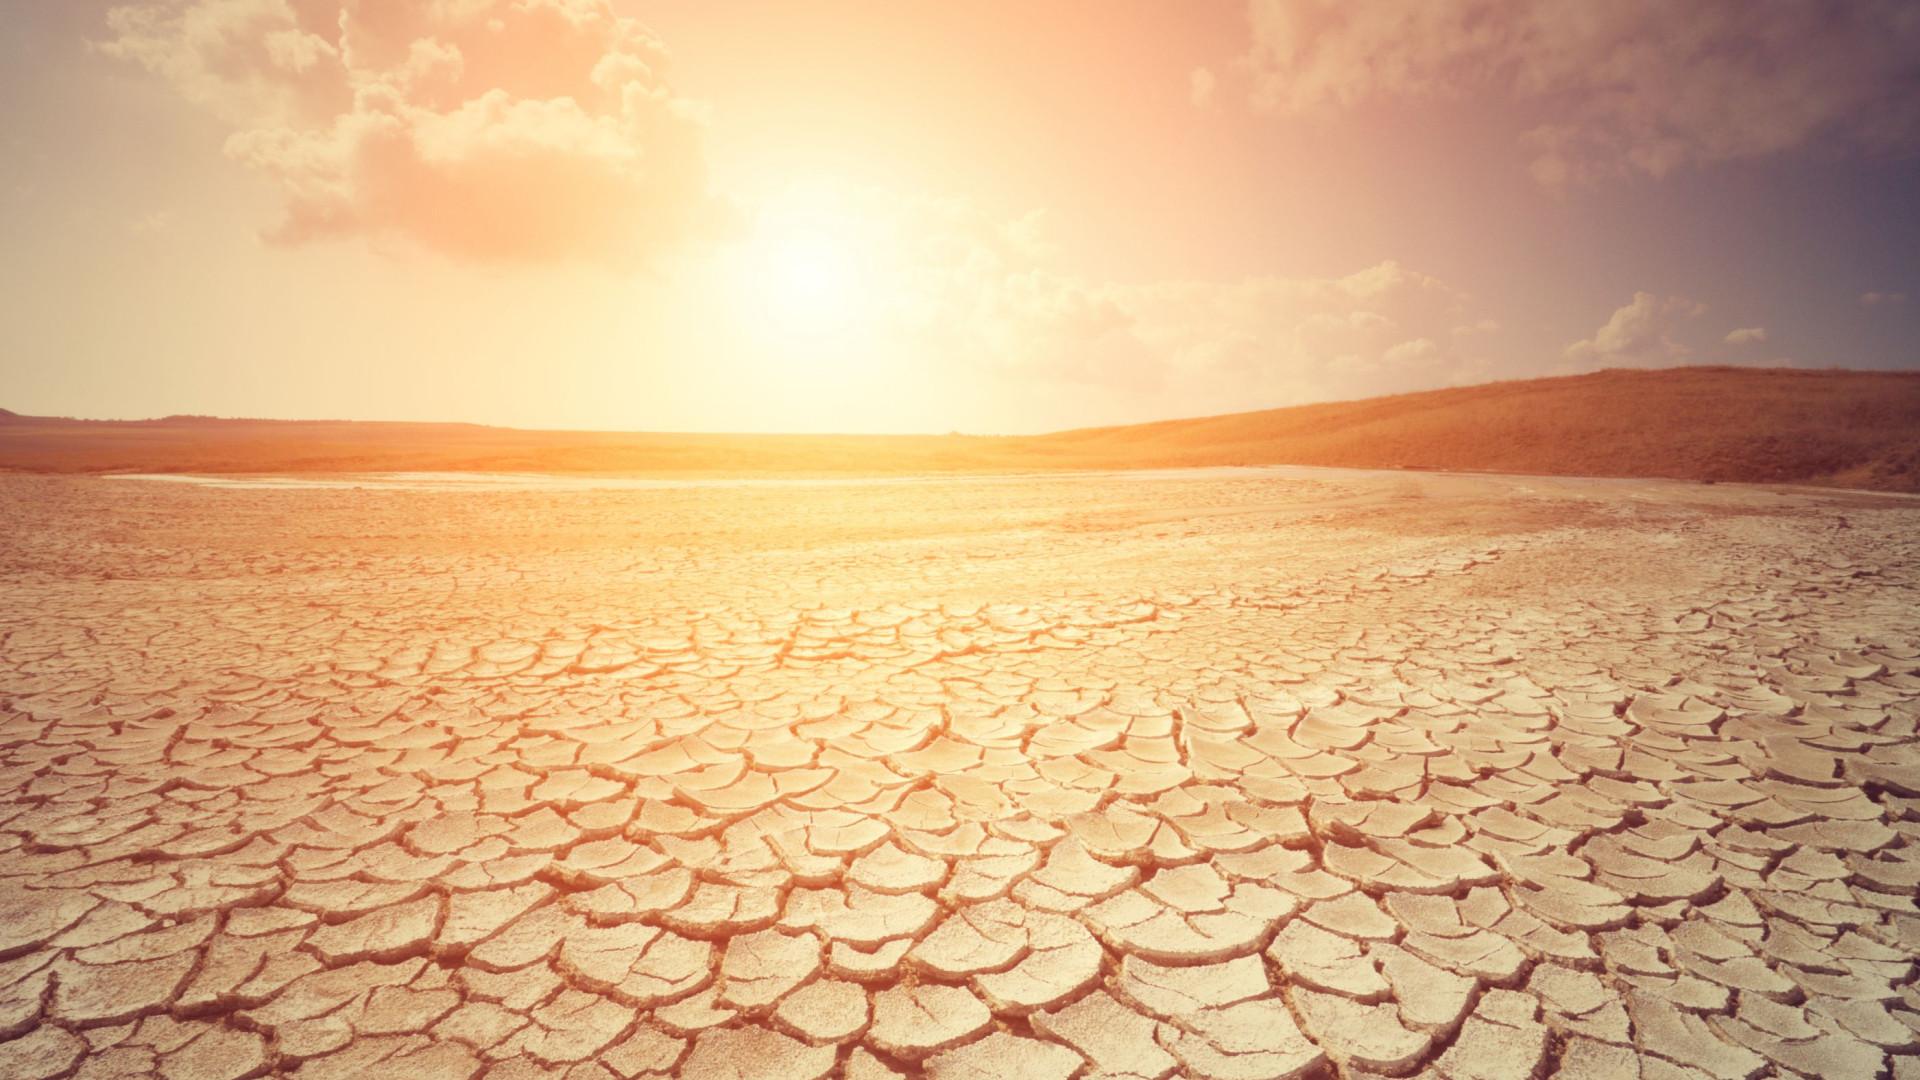 Há relação entre racismo e insensibilidade para com alterações climáticas